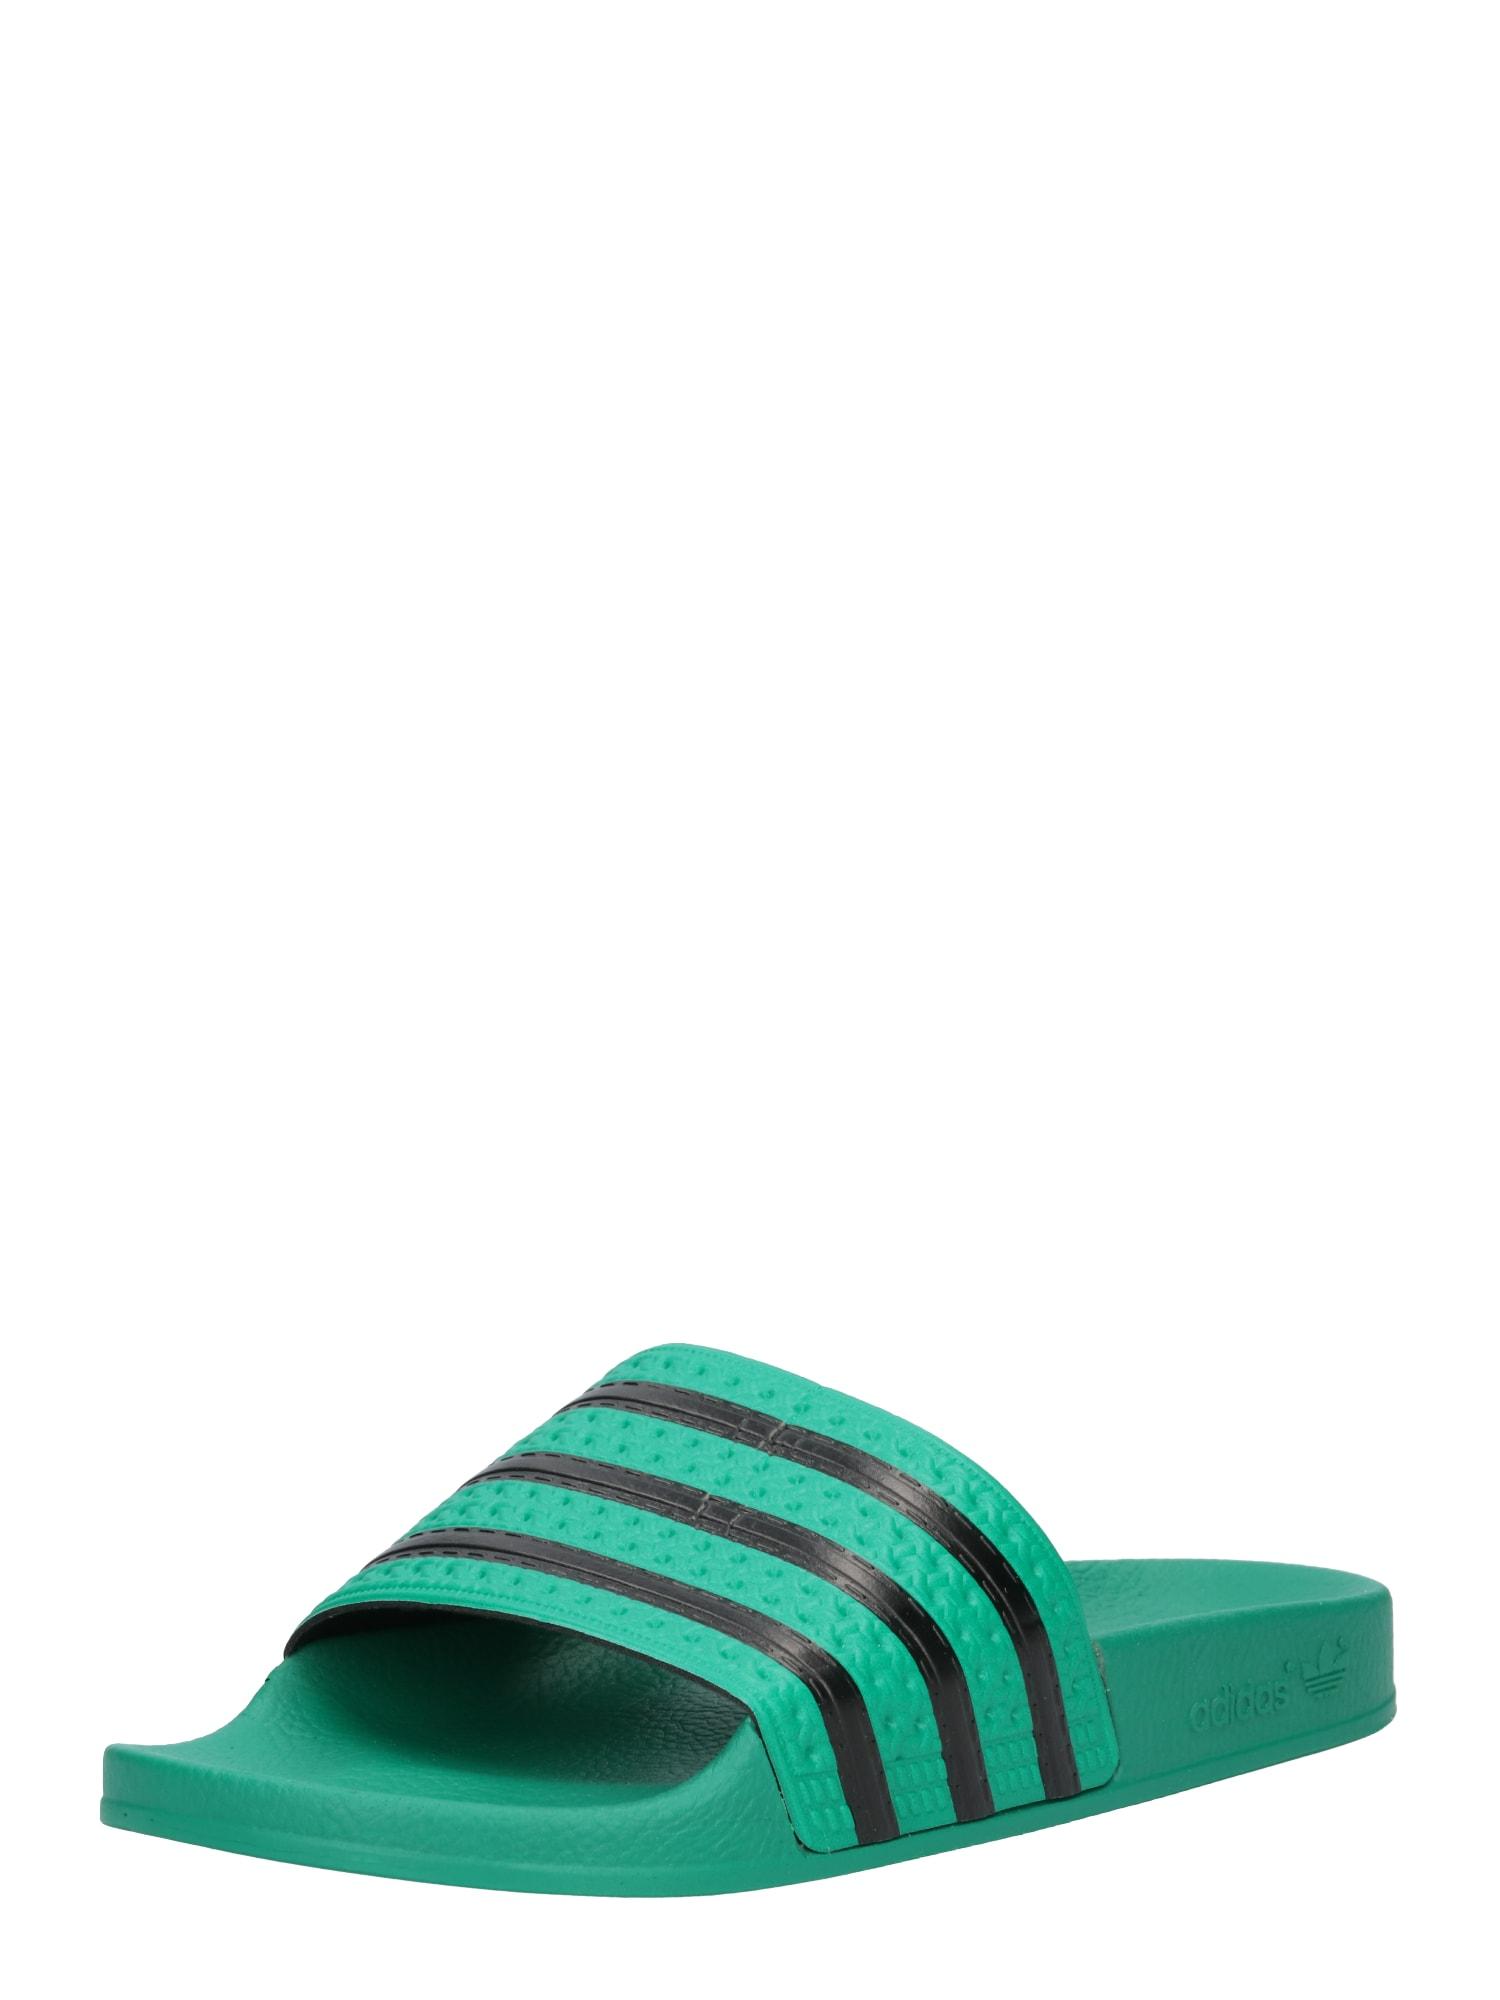 Pantofle Adilette olivová černá ADIDAS ORIGINALS